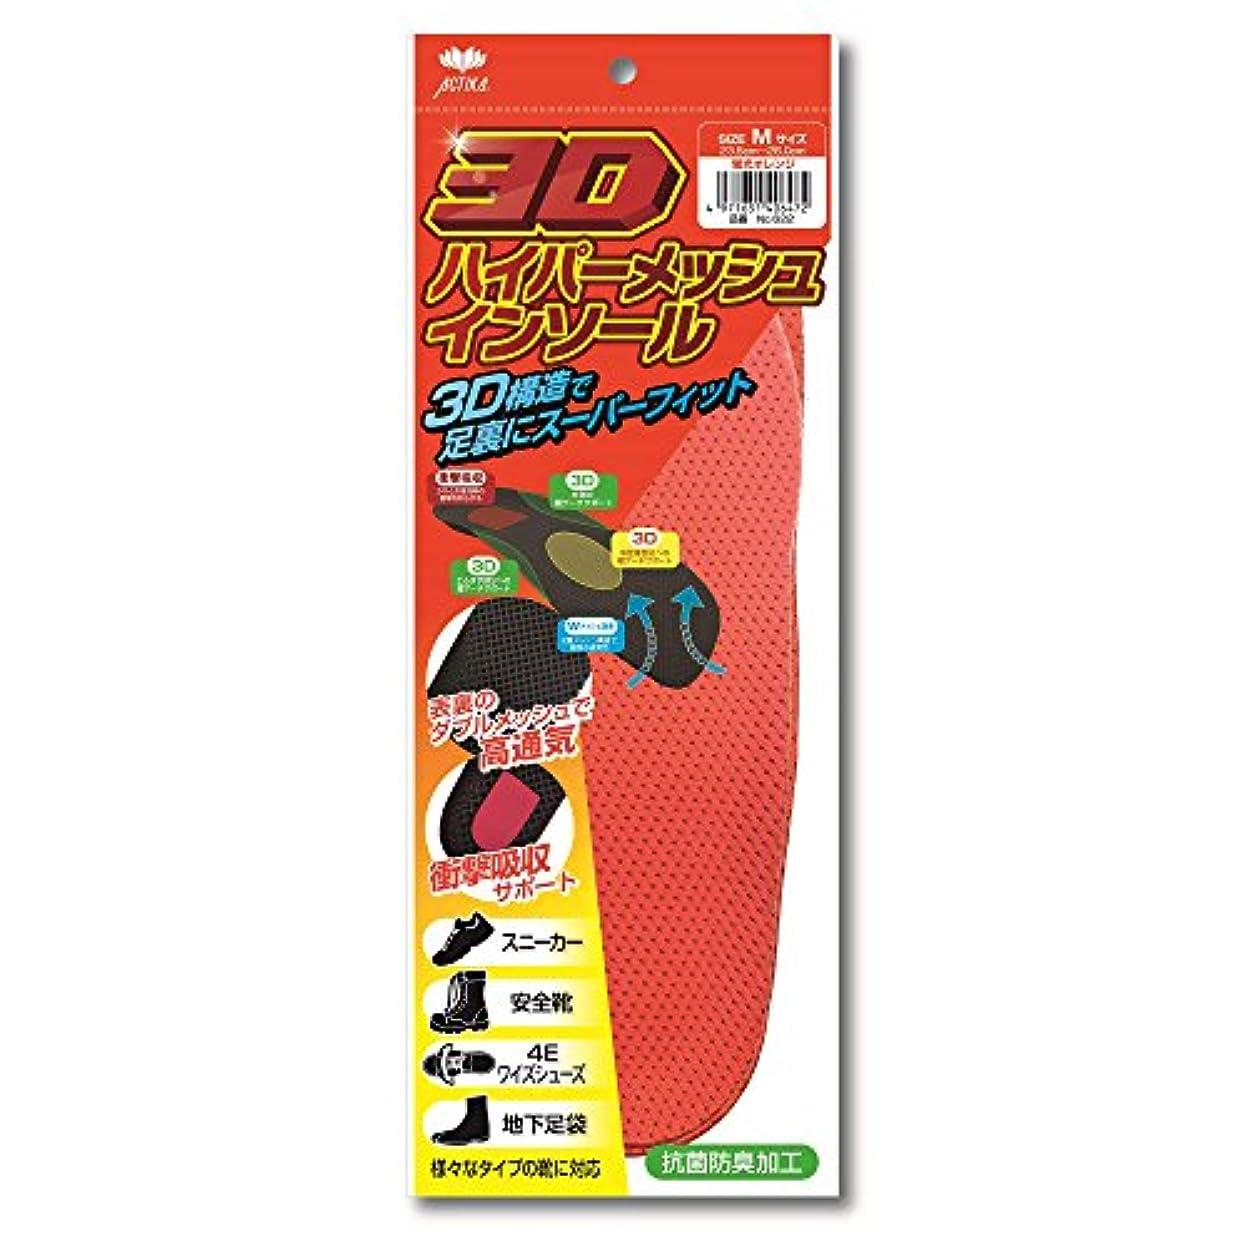 告白グリース今までアクティカ 3Dハイパーメッシュインソール オレンジ 男性用 No.622 L(26.0~28.0cm)